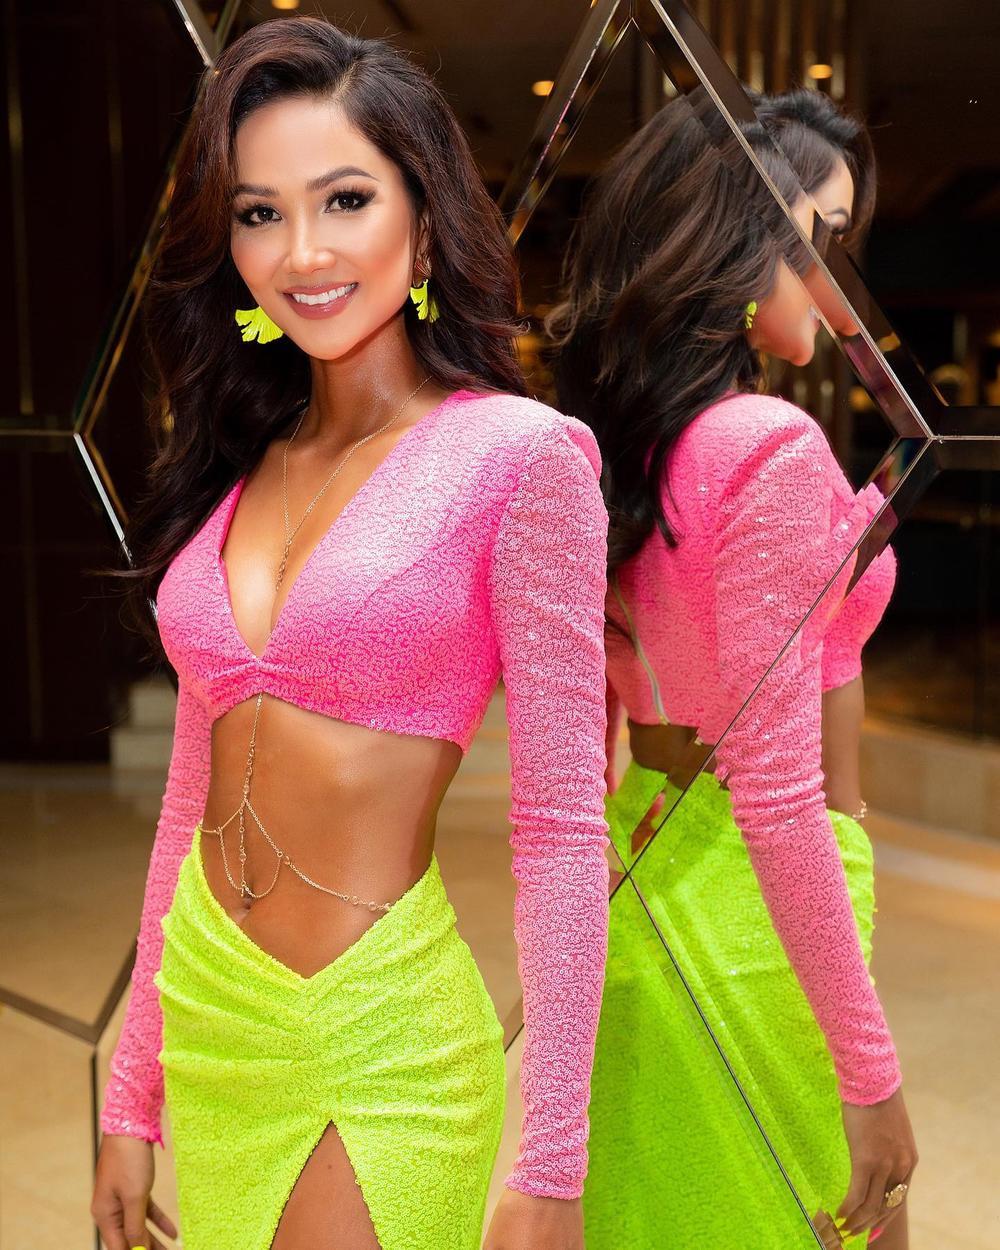 Hoa hậu H'Hen Niê diện váy xẻ cao cực hiểm, fan giật mình thon thót theo từng nhịp chân Ảnh 6